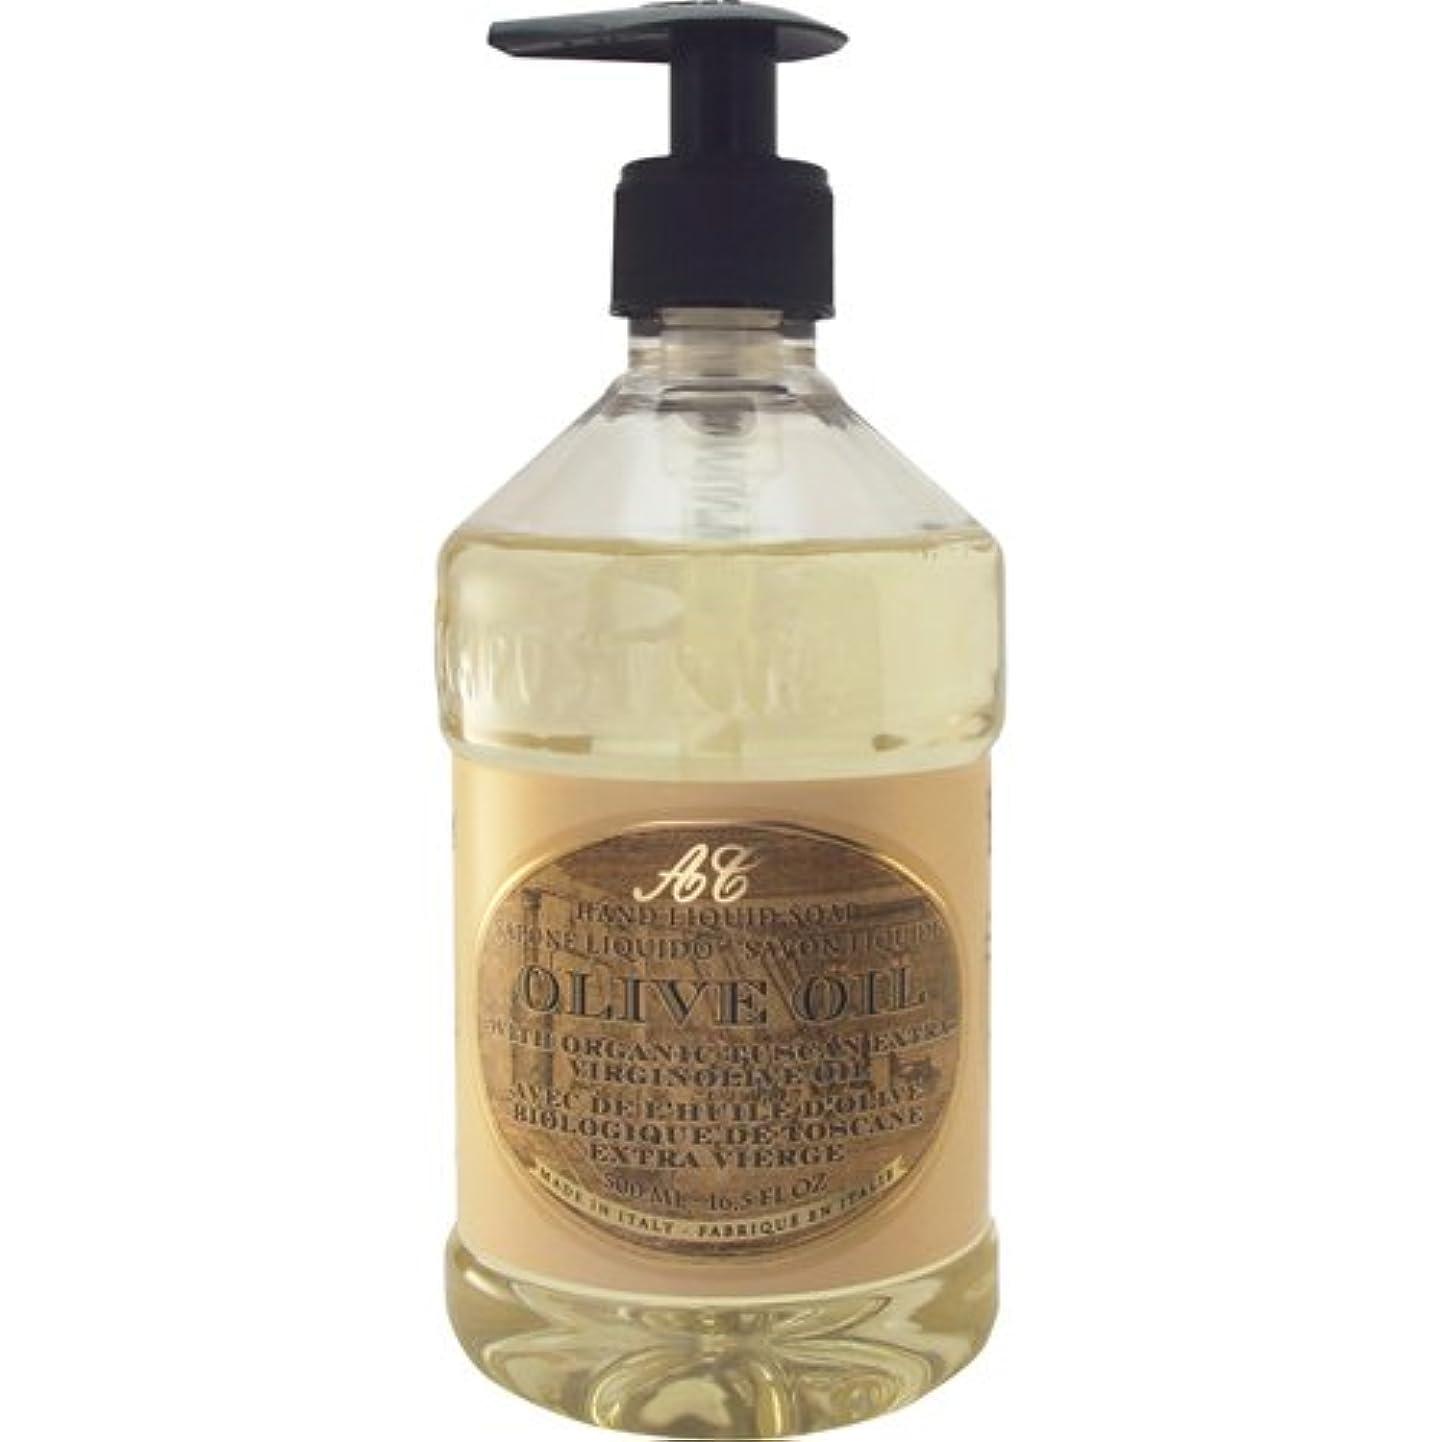 擬人歌下Saponerire Fissi レトロシリーズ Liquid Soap リキッドソープ 500ml Olive Oil オリーブオイル